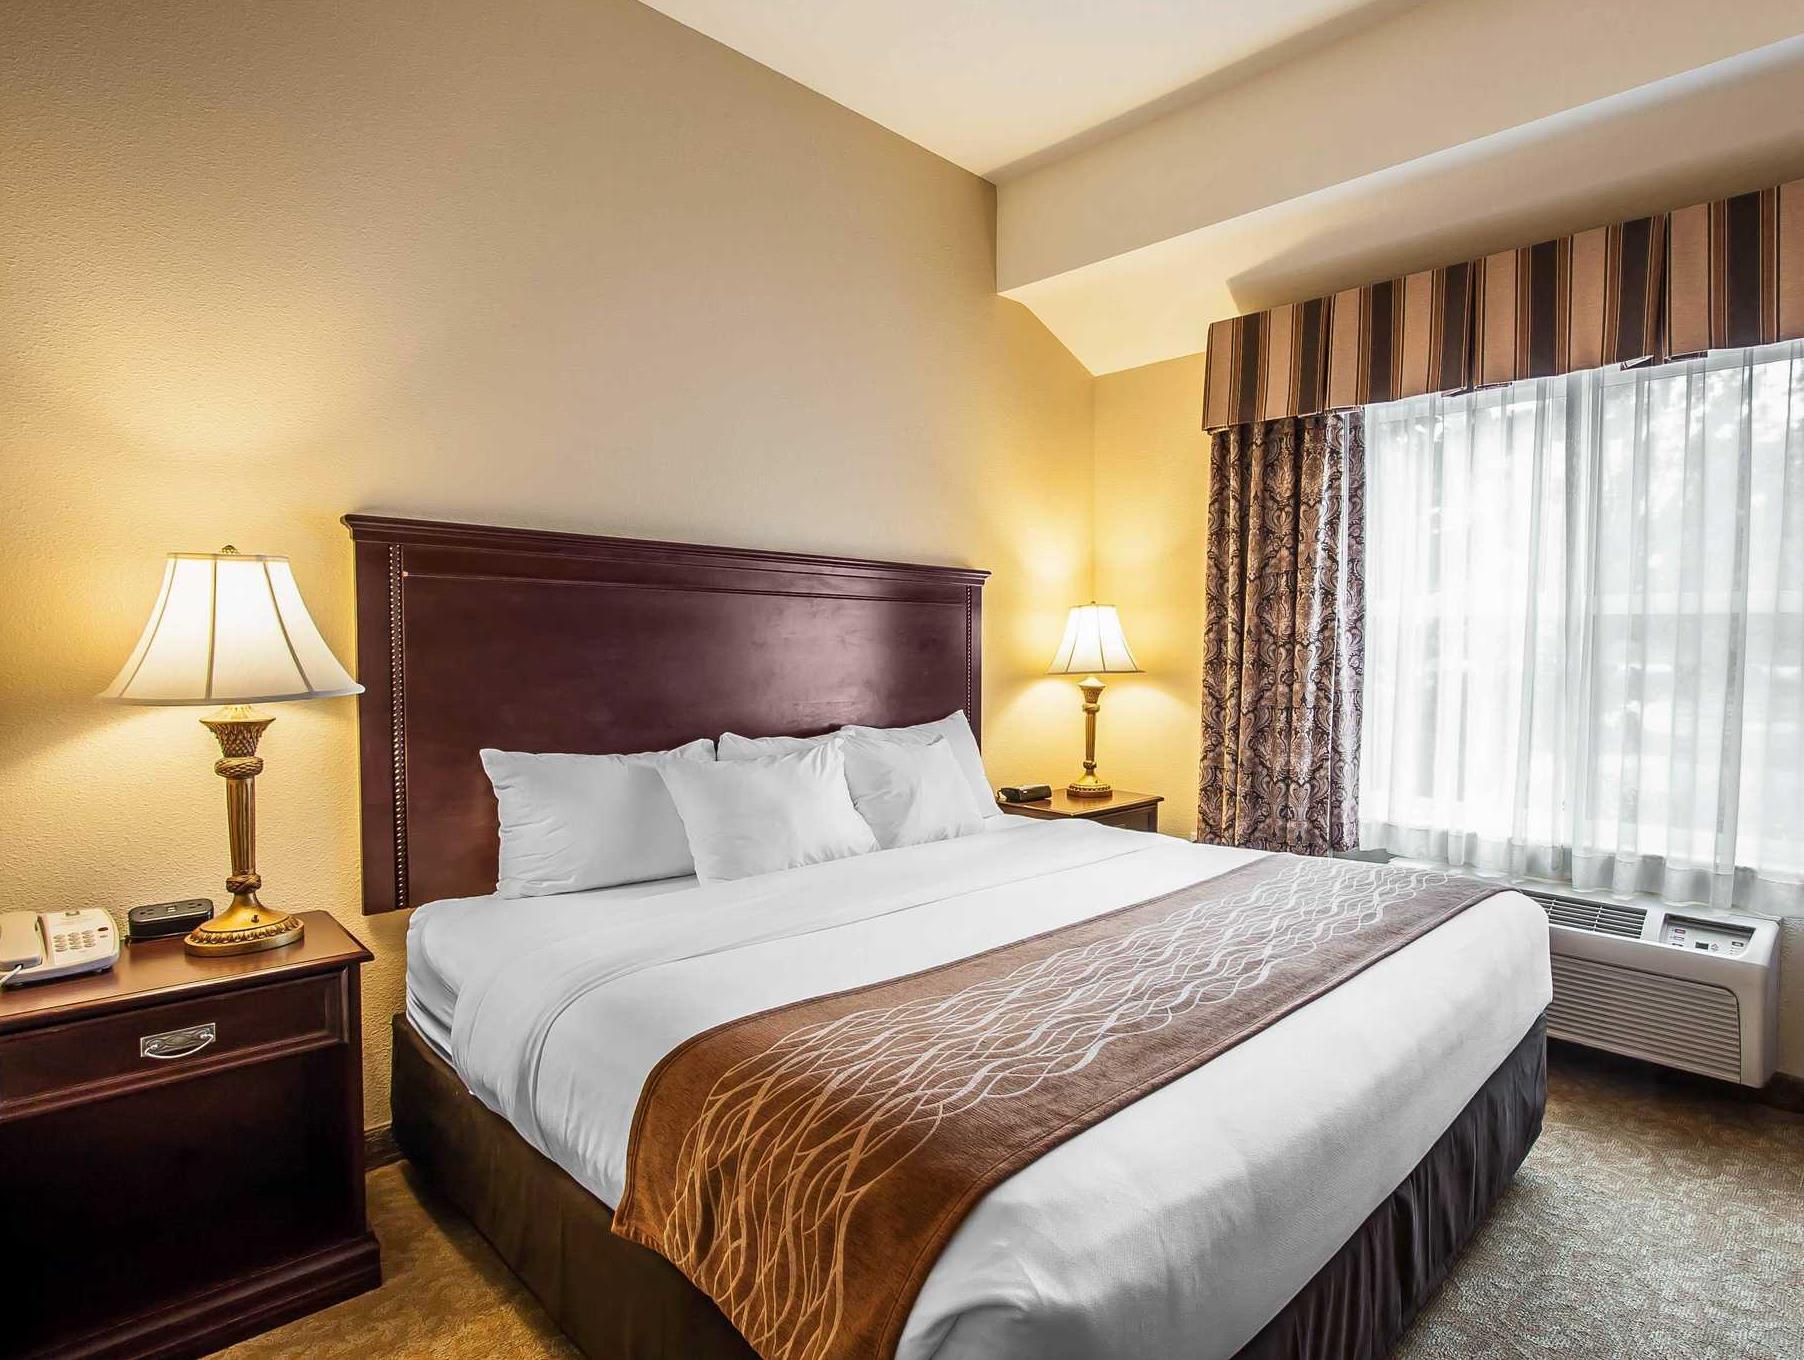 mcminnville inn hotels s from comforter ksp leonardo comfort kayak suites dsc image